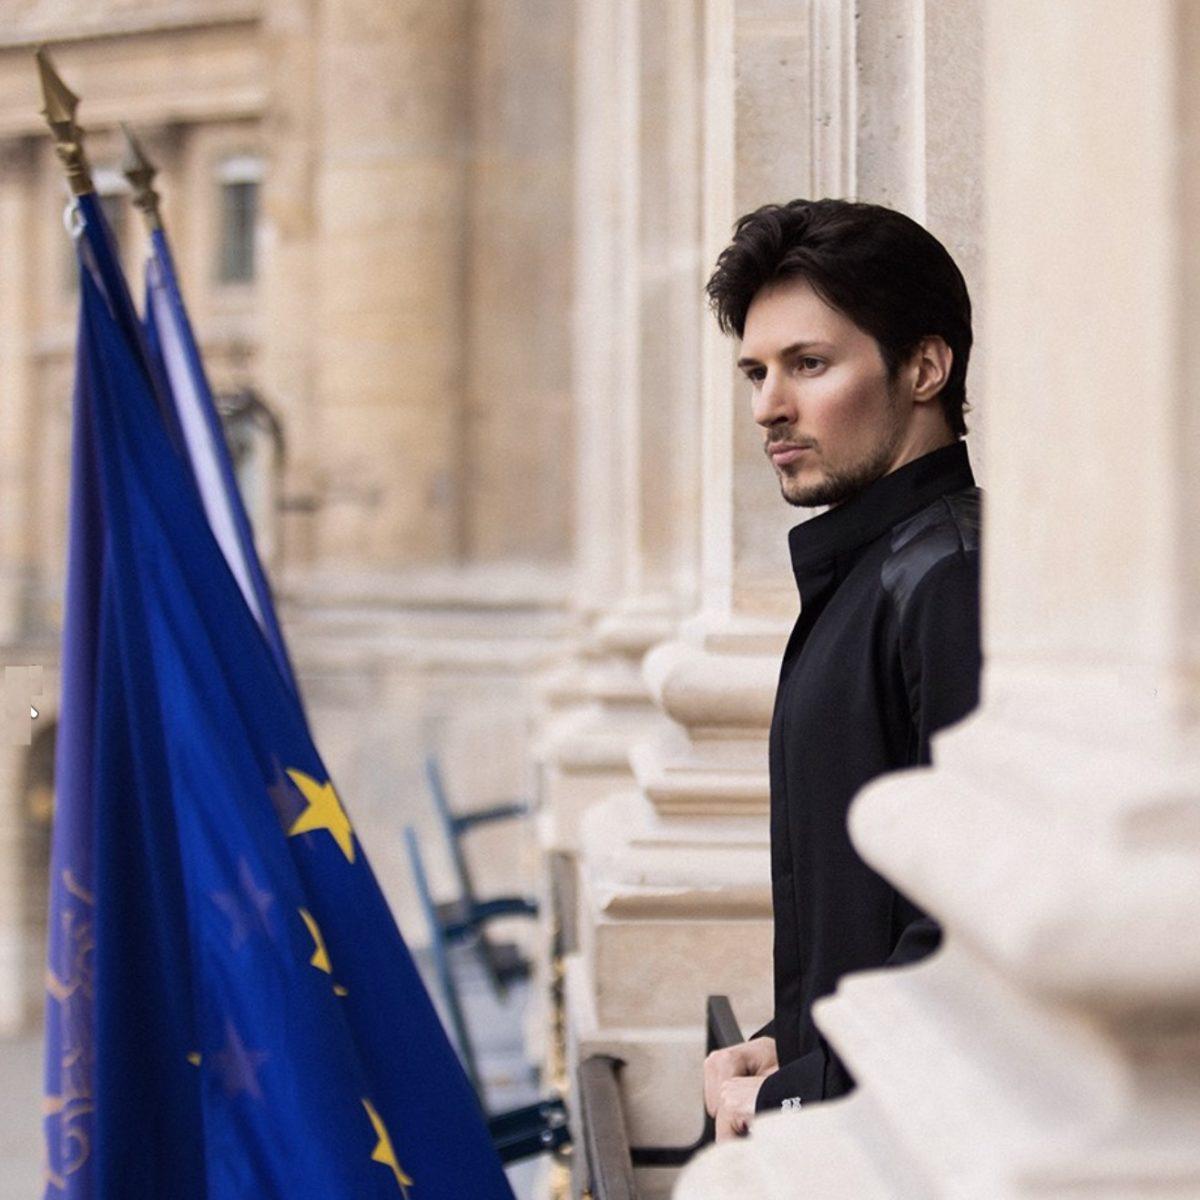 WhatsApp non sarà mai un'app sicura: Pavel Durov di Telegram spiega perché